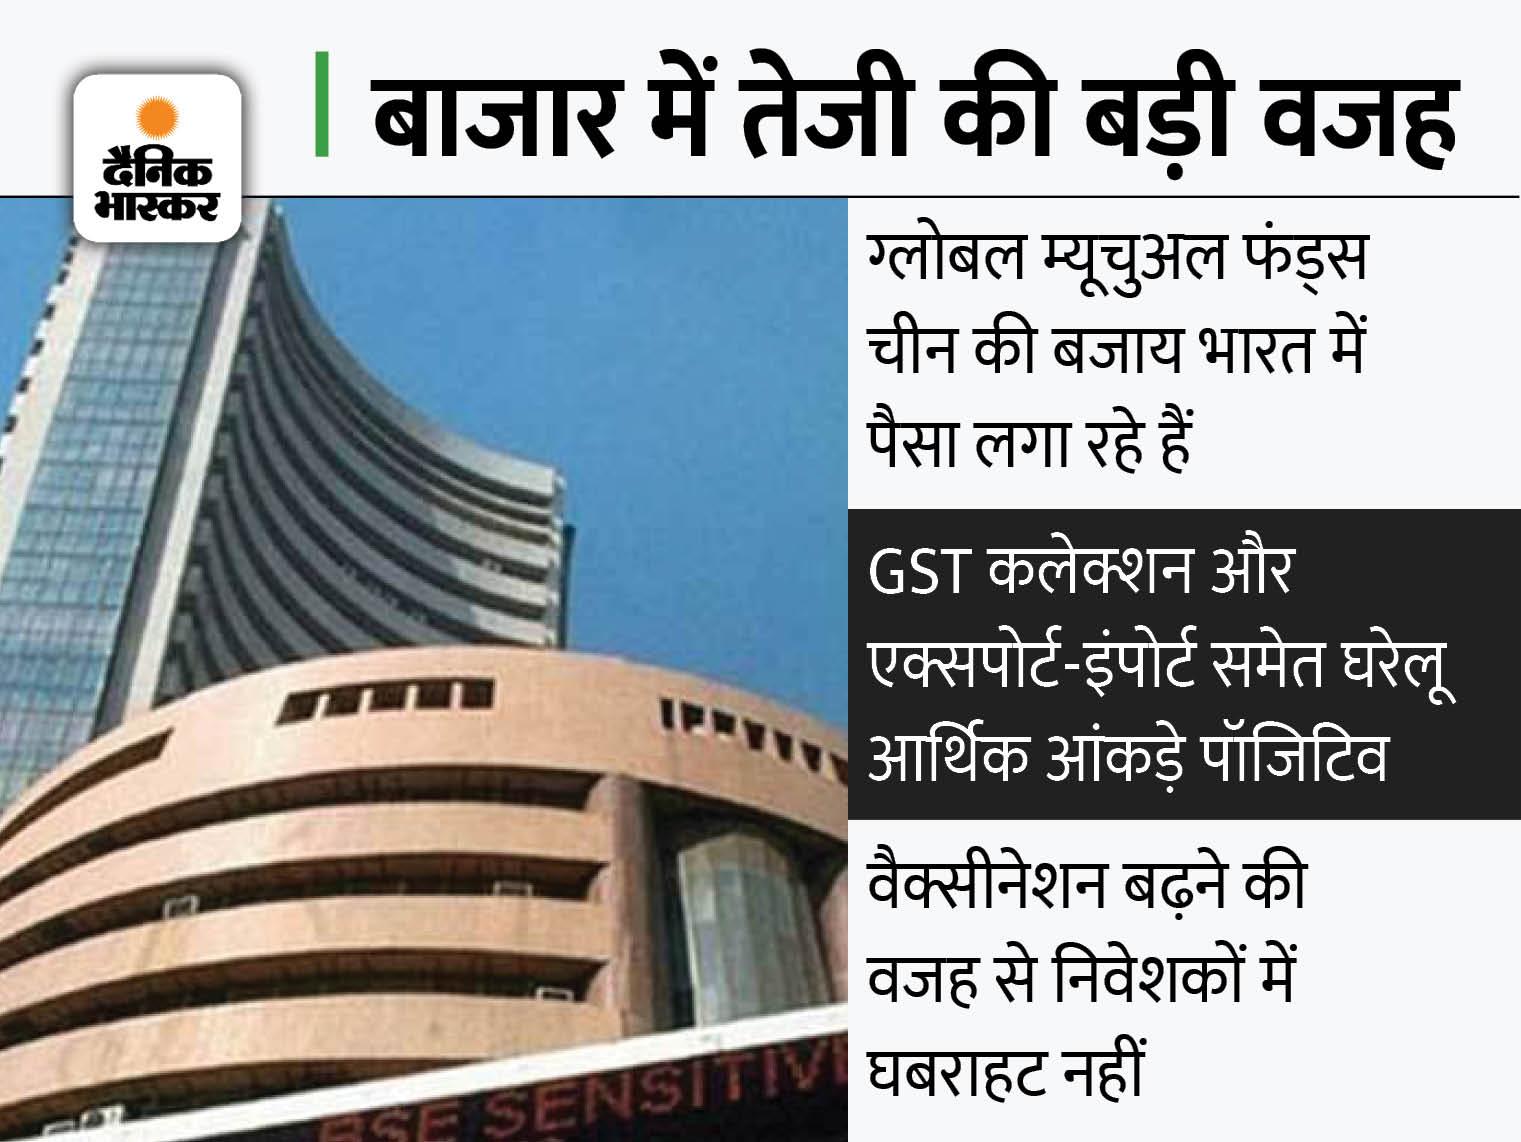 इंडेक्स पहली बार 56,000 के पार; TCS और बजाज फाइनेंस के शेयर और मार्केट कैप भी हाइएस्ट लेवल पर पहुंचे|बिजनेस,Business - Dainik Bhaskar